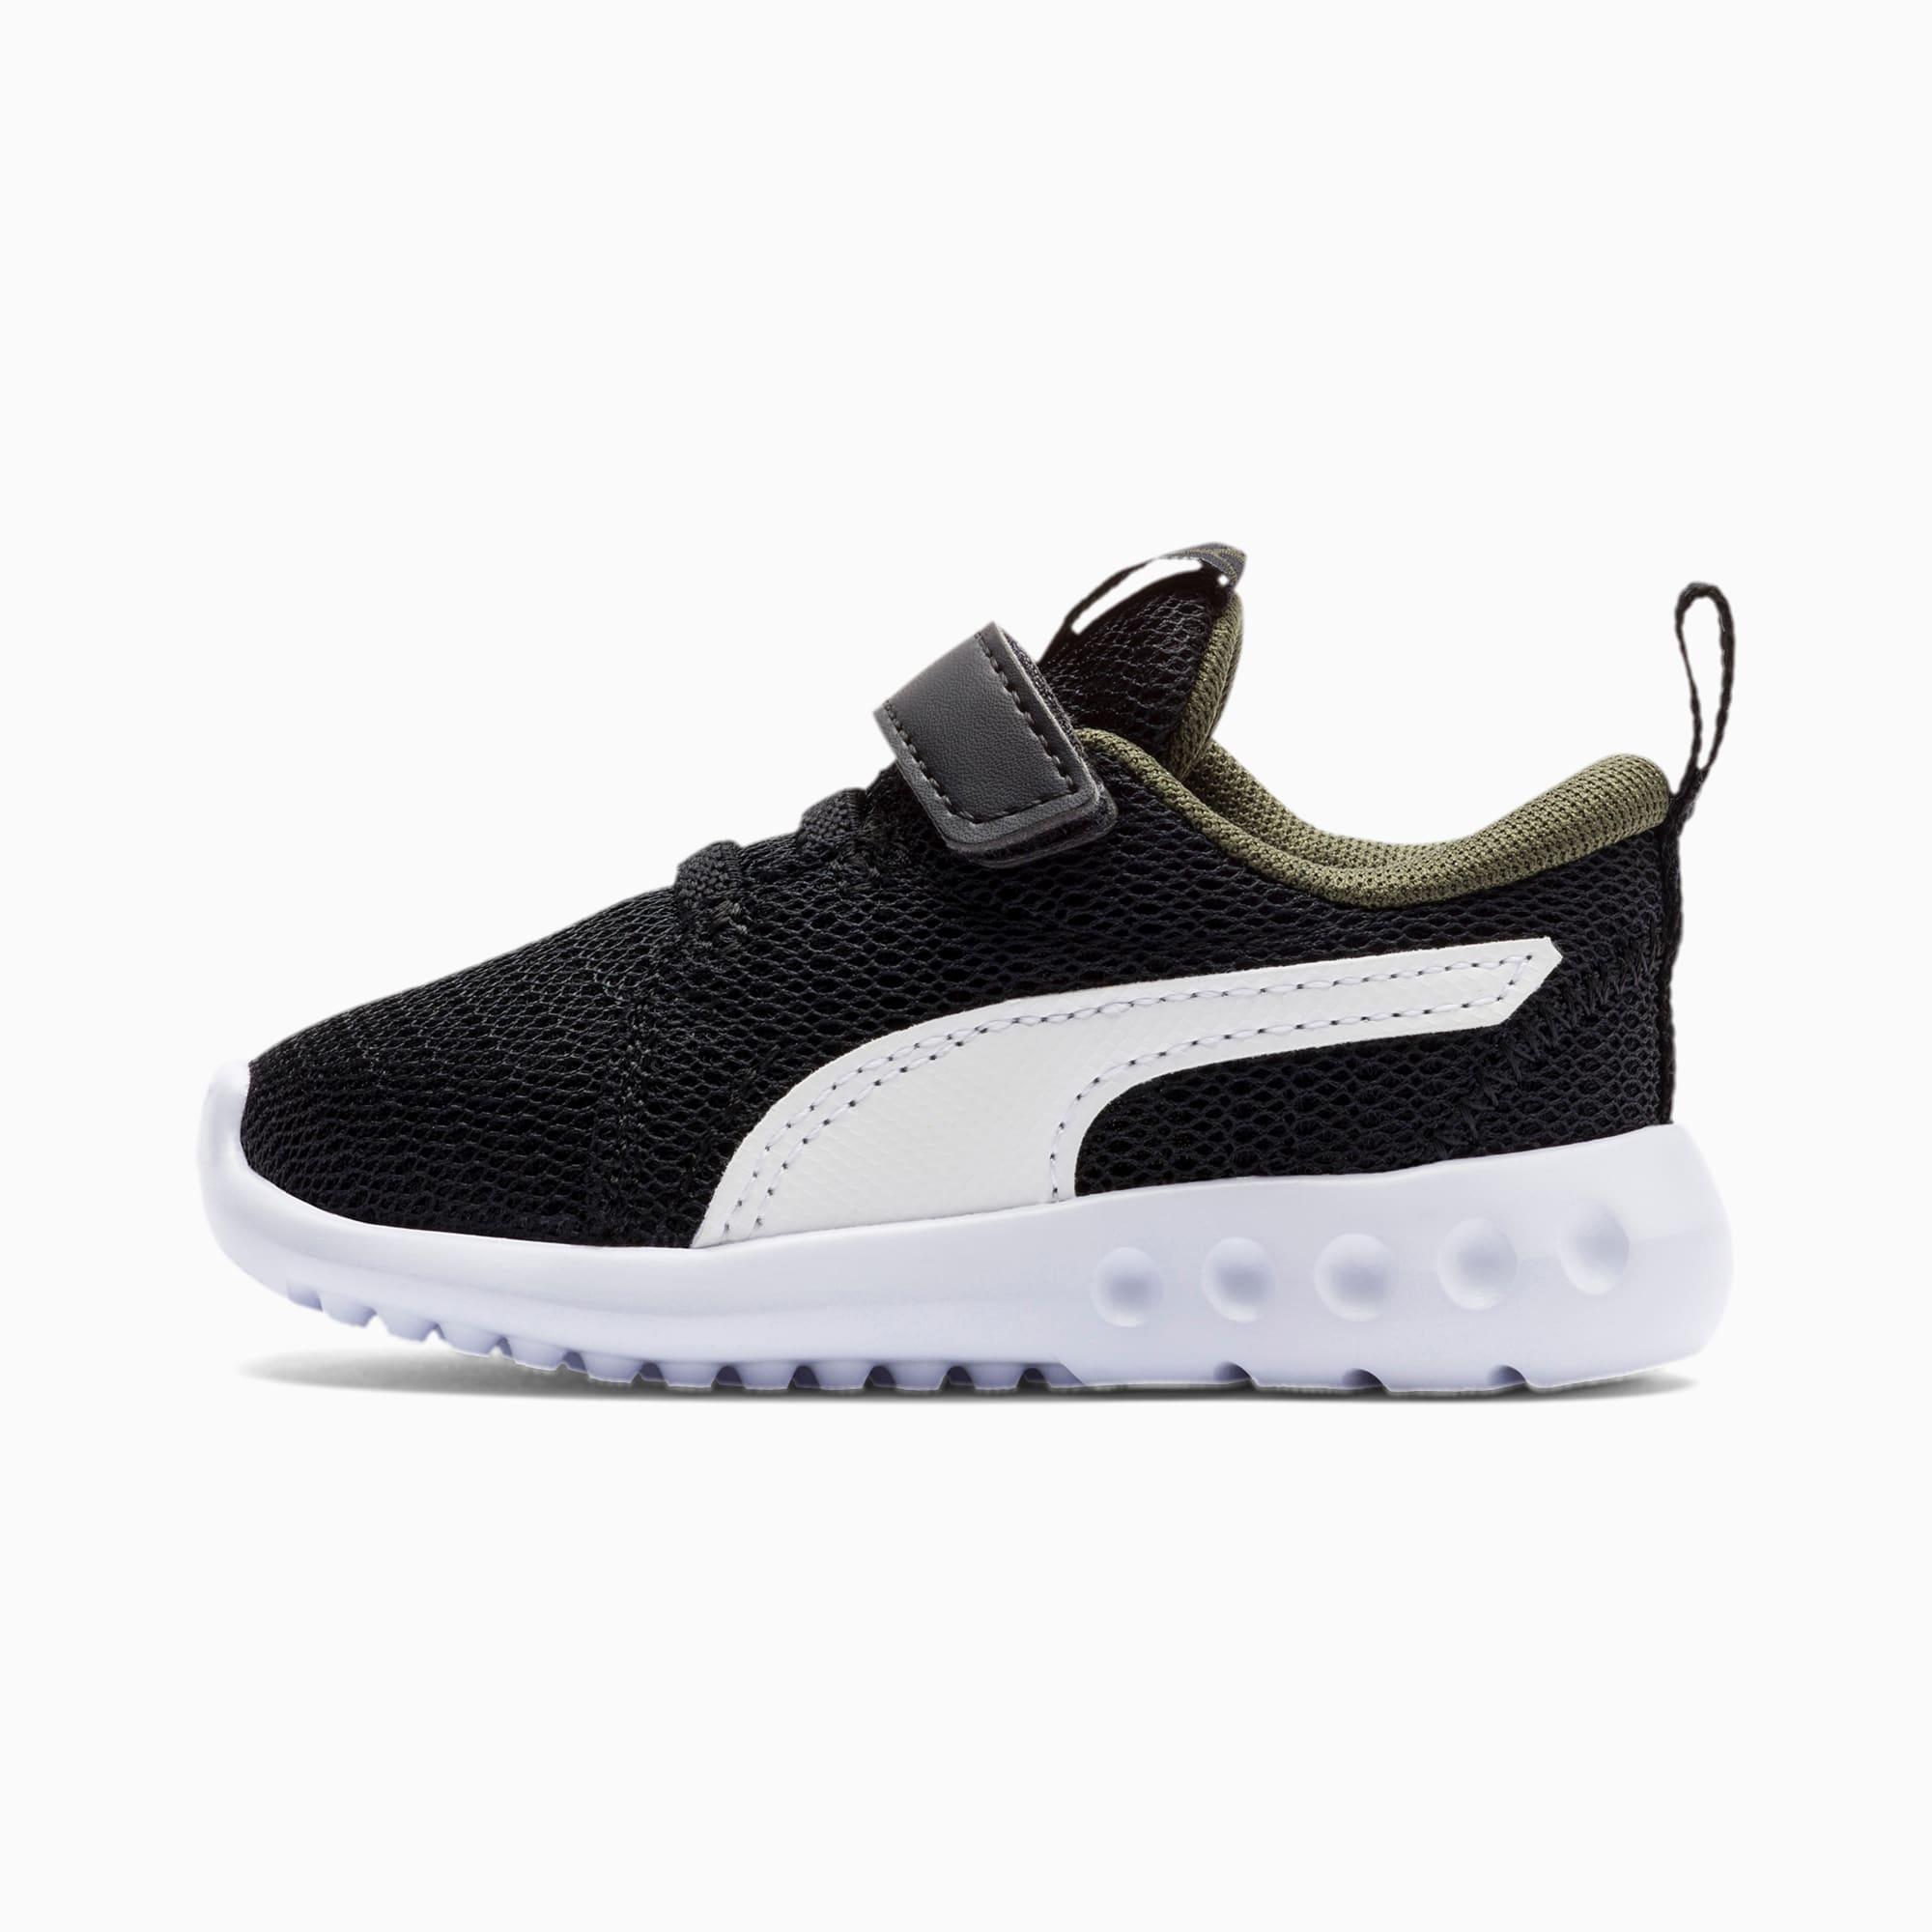 chaussure basket carson 2 v pour bébé, blanc/vert/noir, taille 21, chaussures